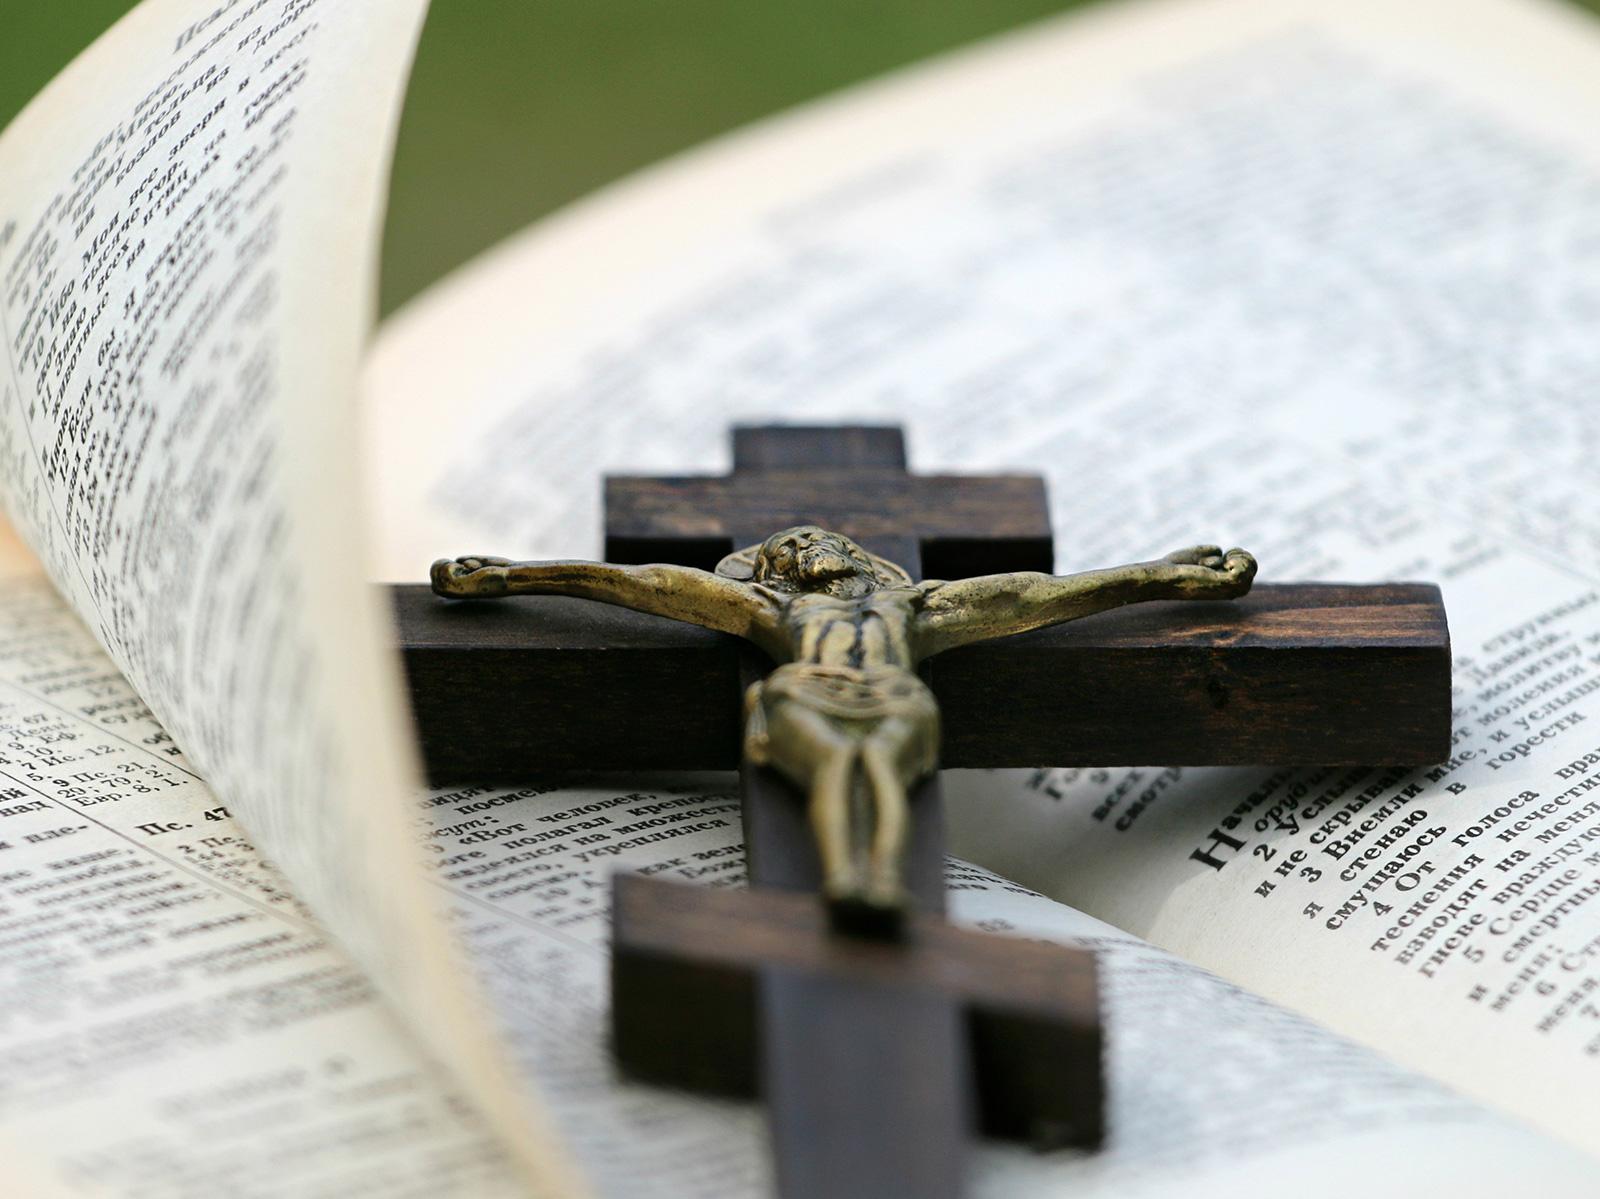 La salvezza è da Dio. Riflessione sulla quarta Domenica di Quaresima